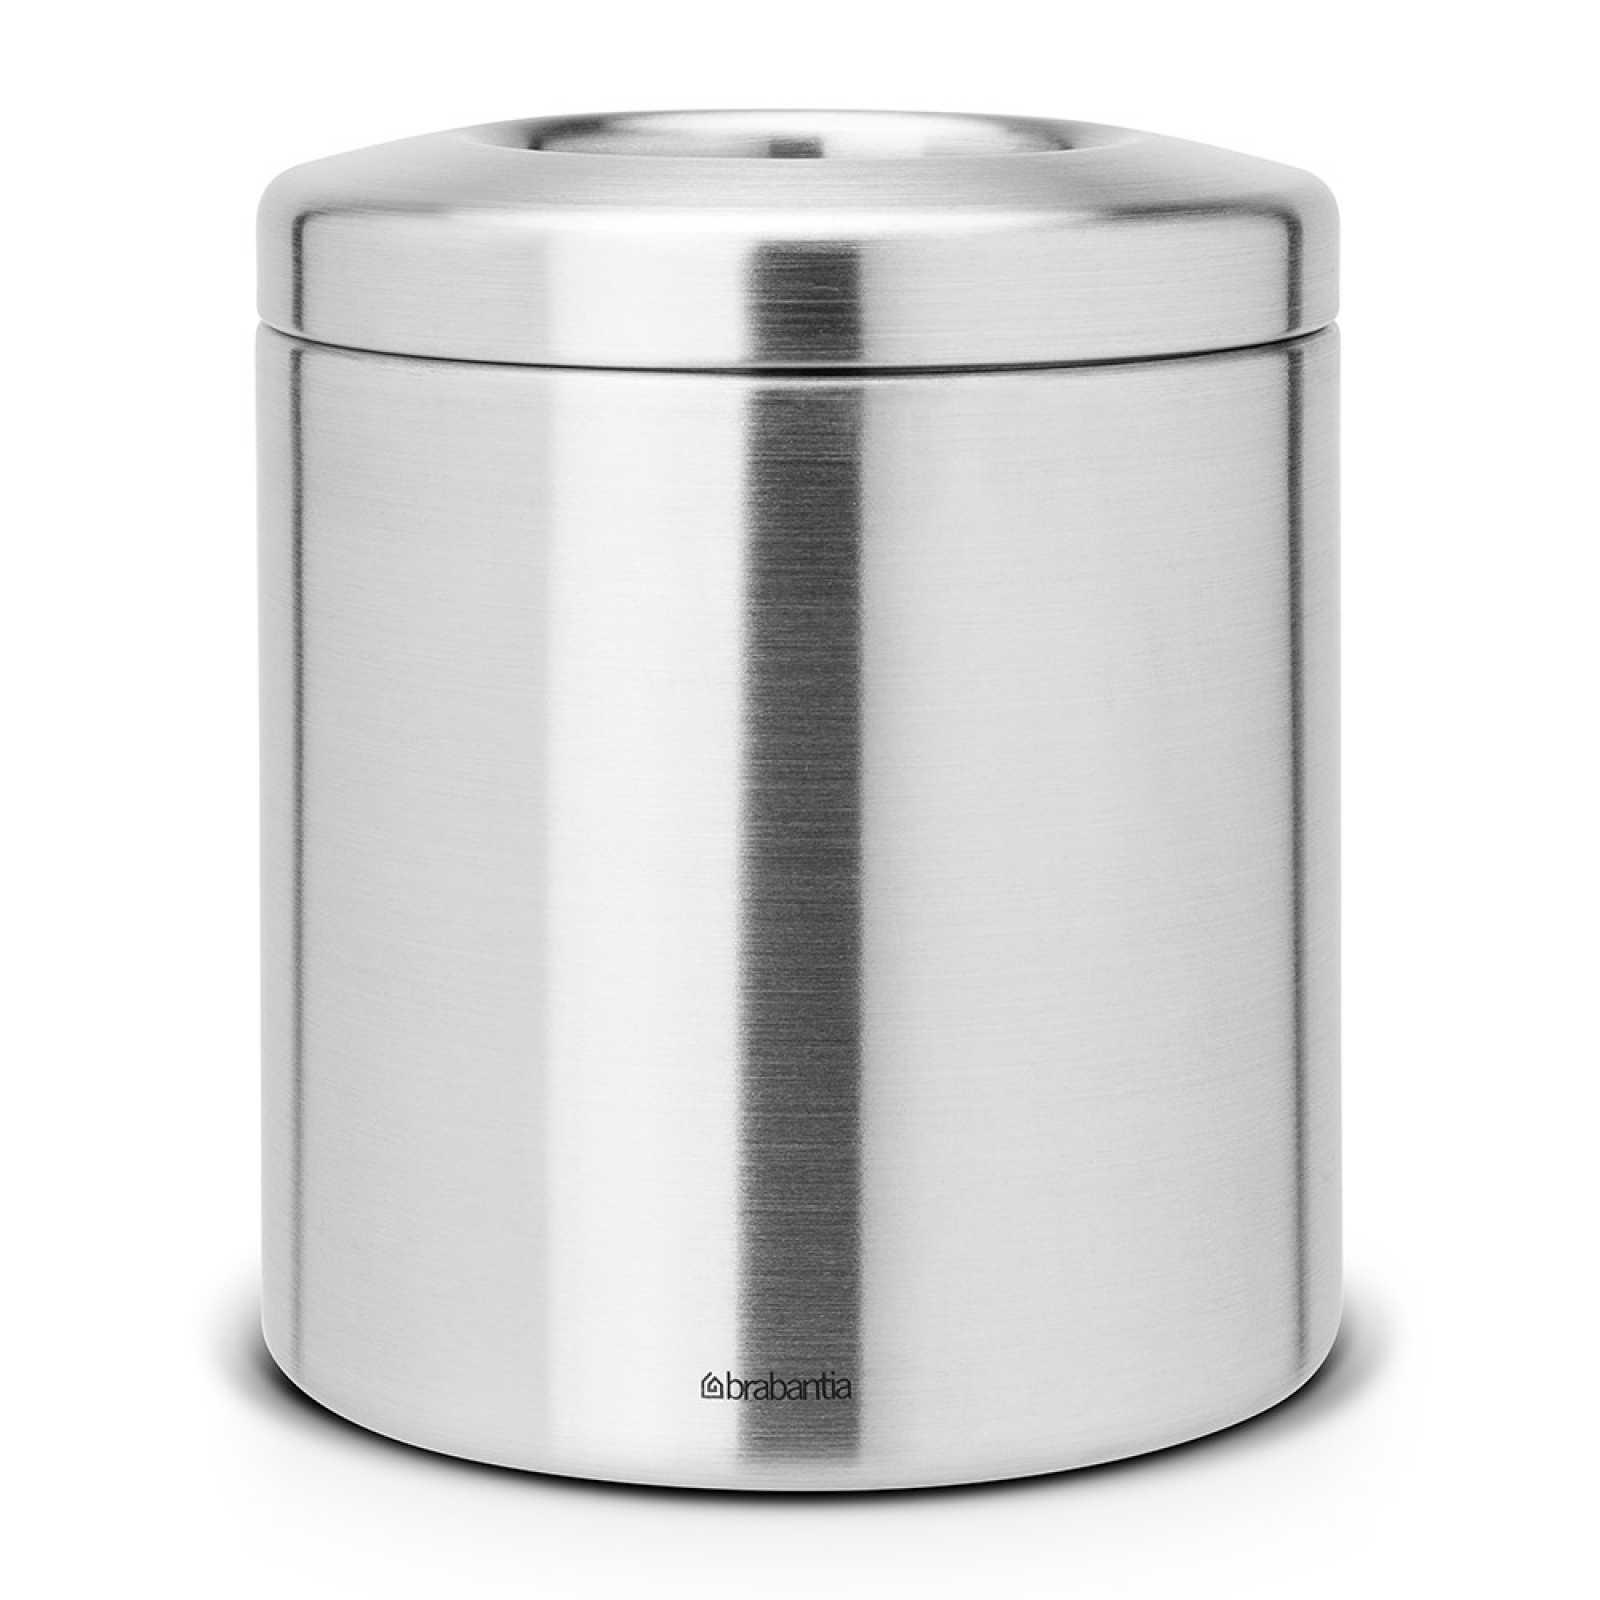 Контейнер для мусора настольный Brabantia, диаметр 14 см, высота 16,5 см, объем 1 л Brabantia 297960 фото 0